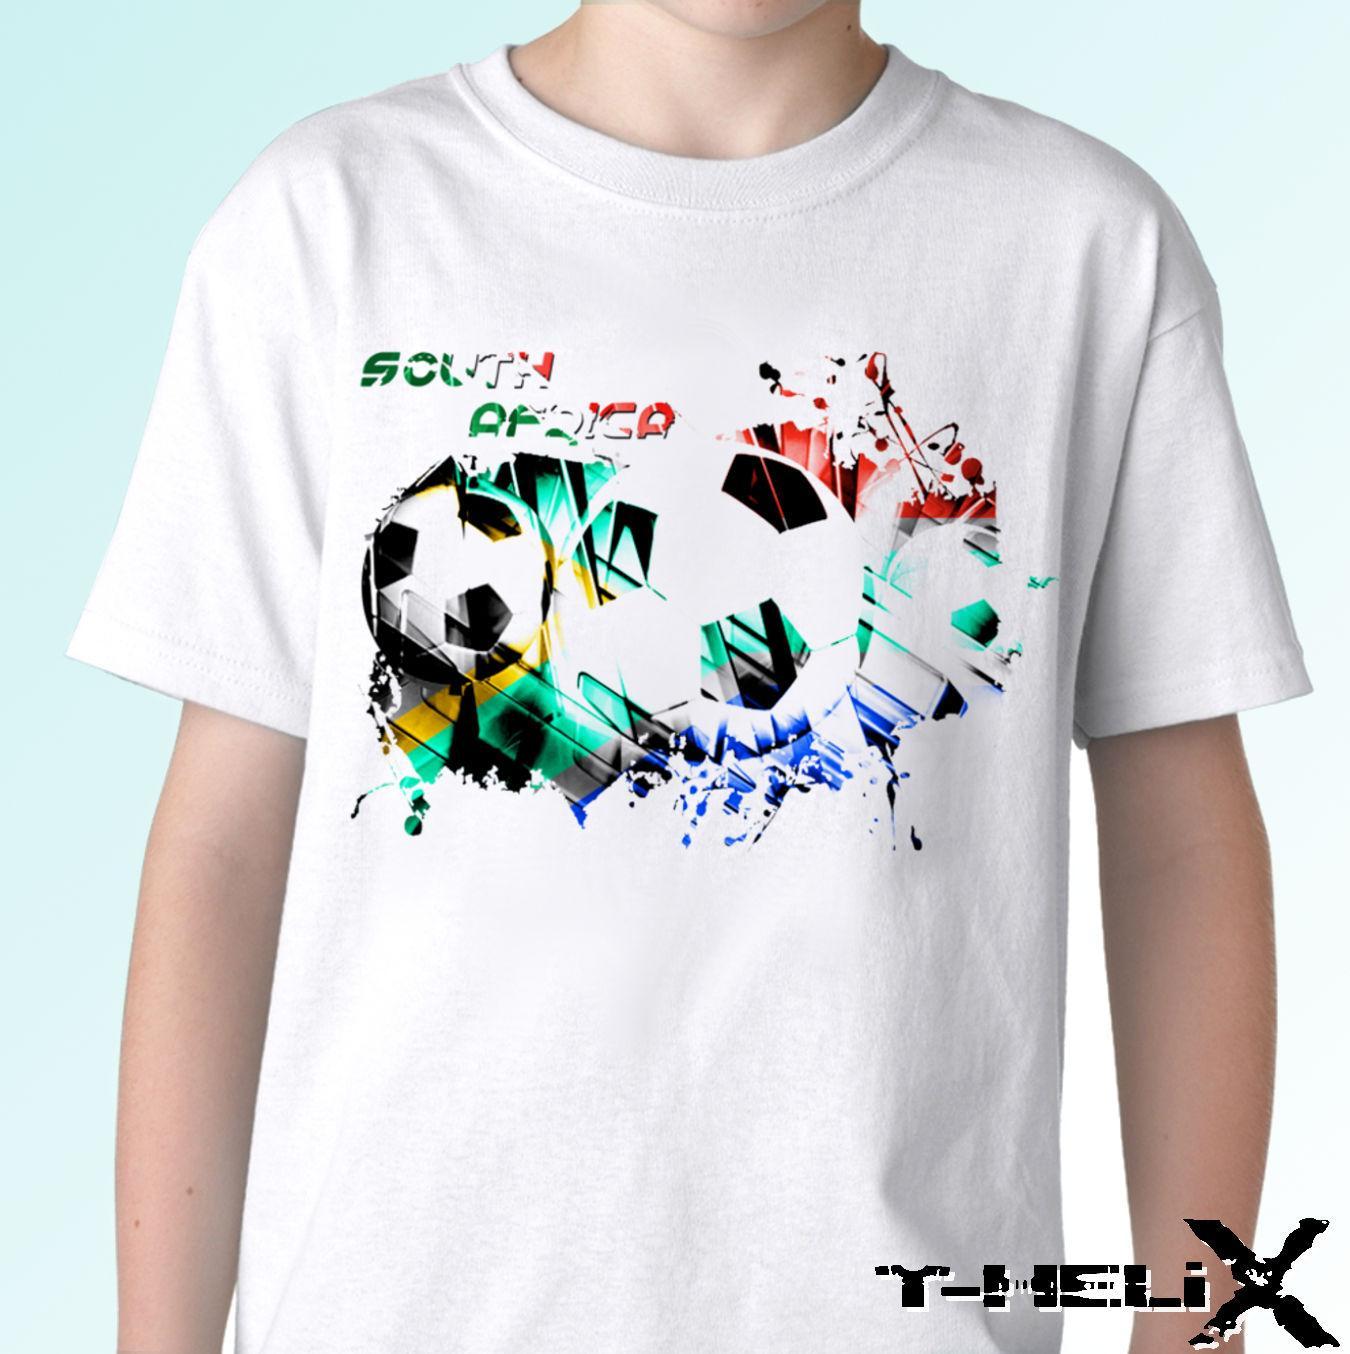 Drapeau de football de l'Afrique du Sud - T-shirt blanc - Hommes Femmes